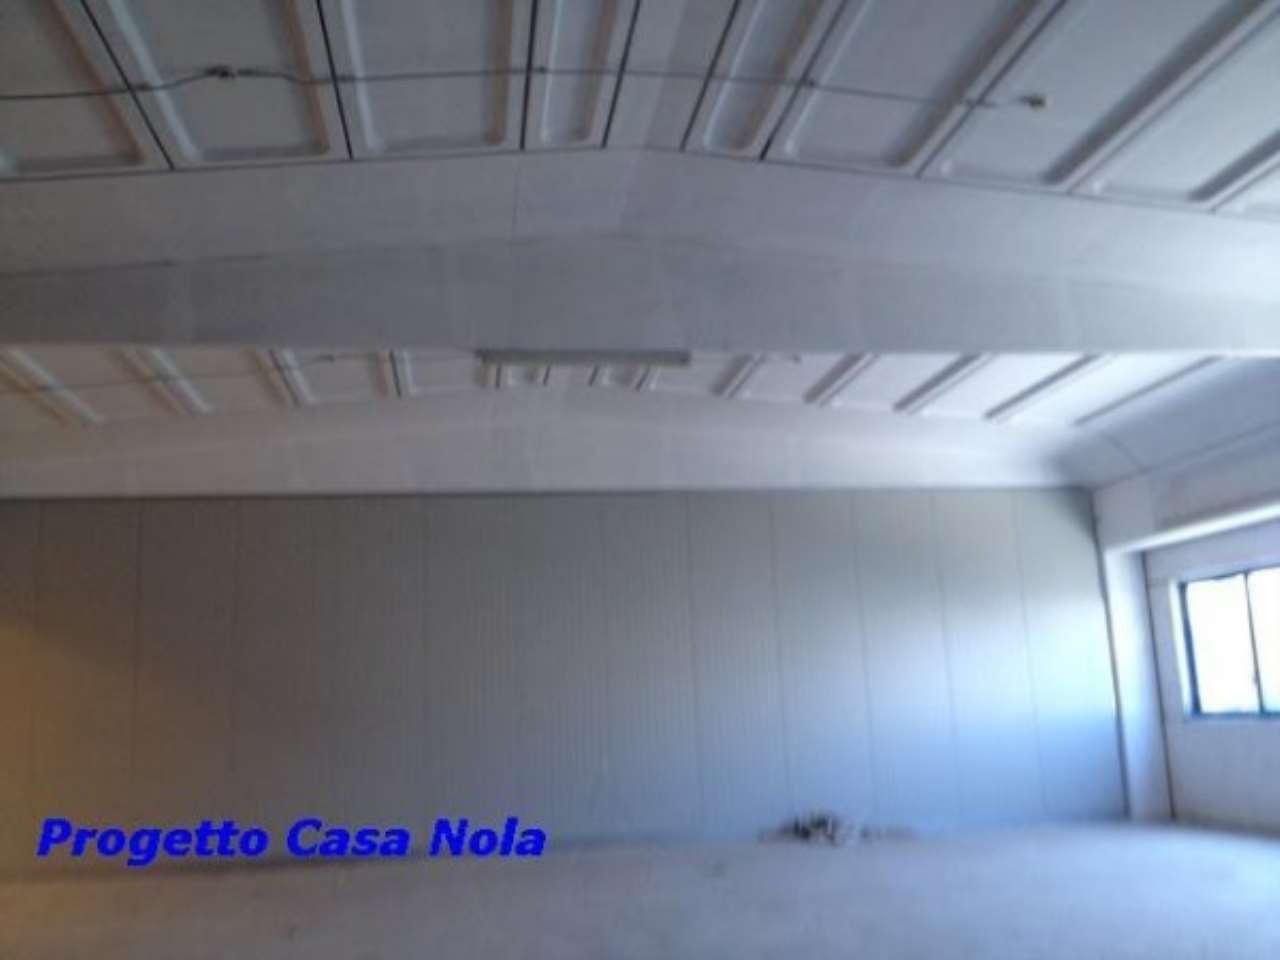 Nola Affitto CAPANNONE Immagine 0